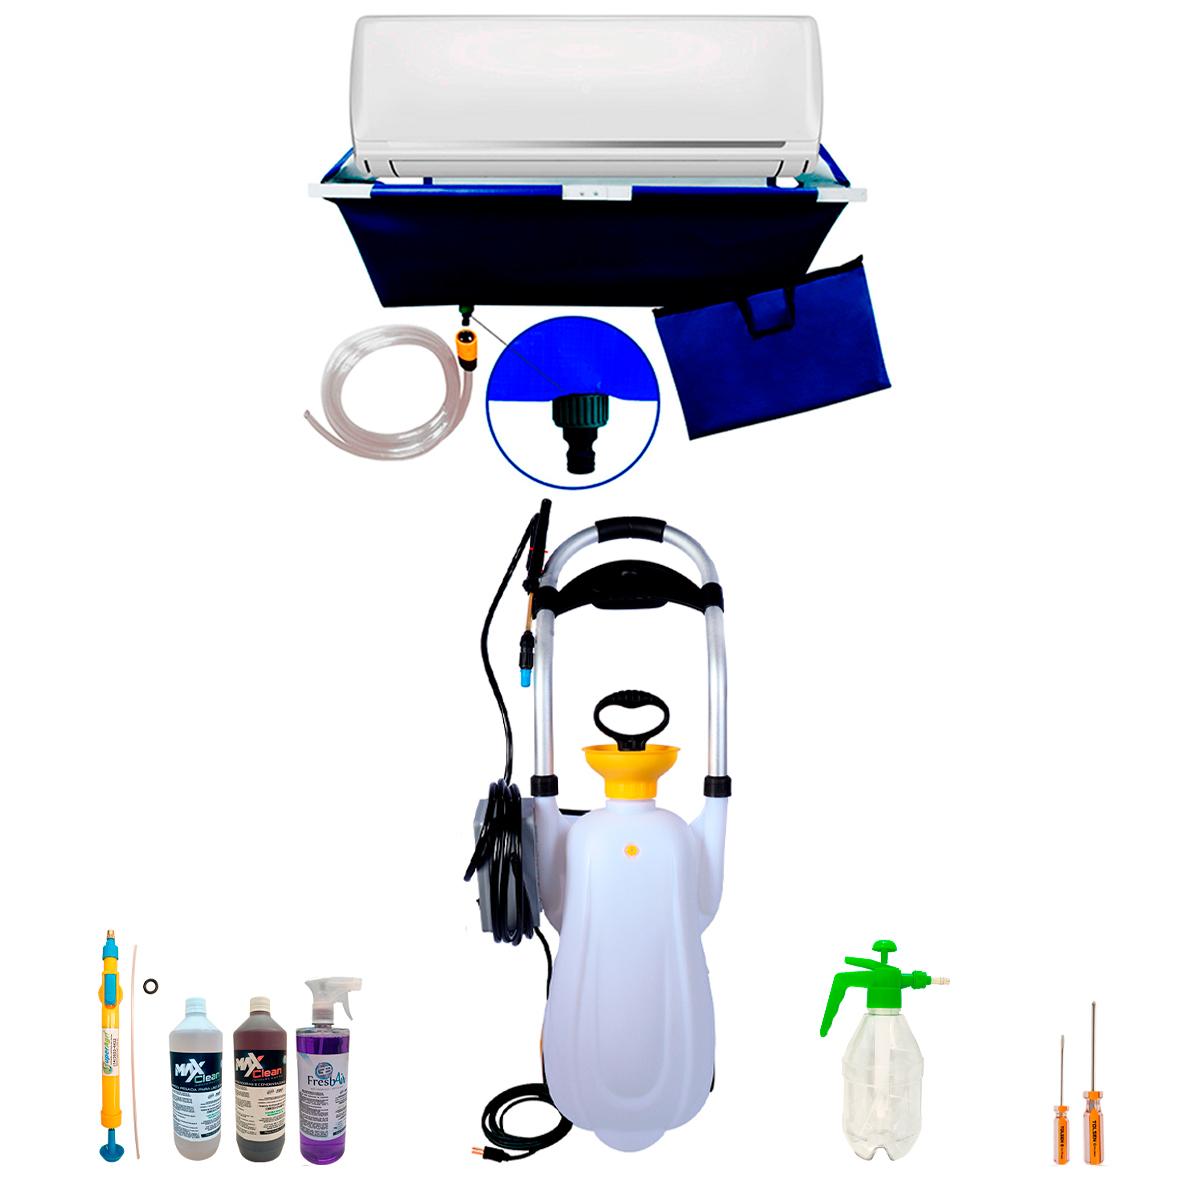 Super Lavadora + Bolsa Coletora 24 mil BTUS + Produtos de Limpeza